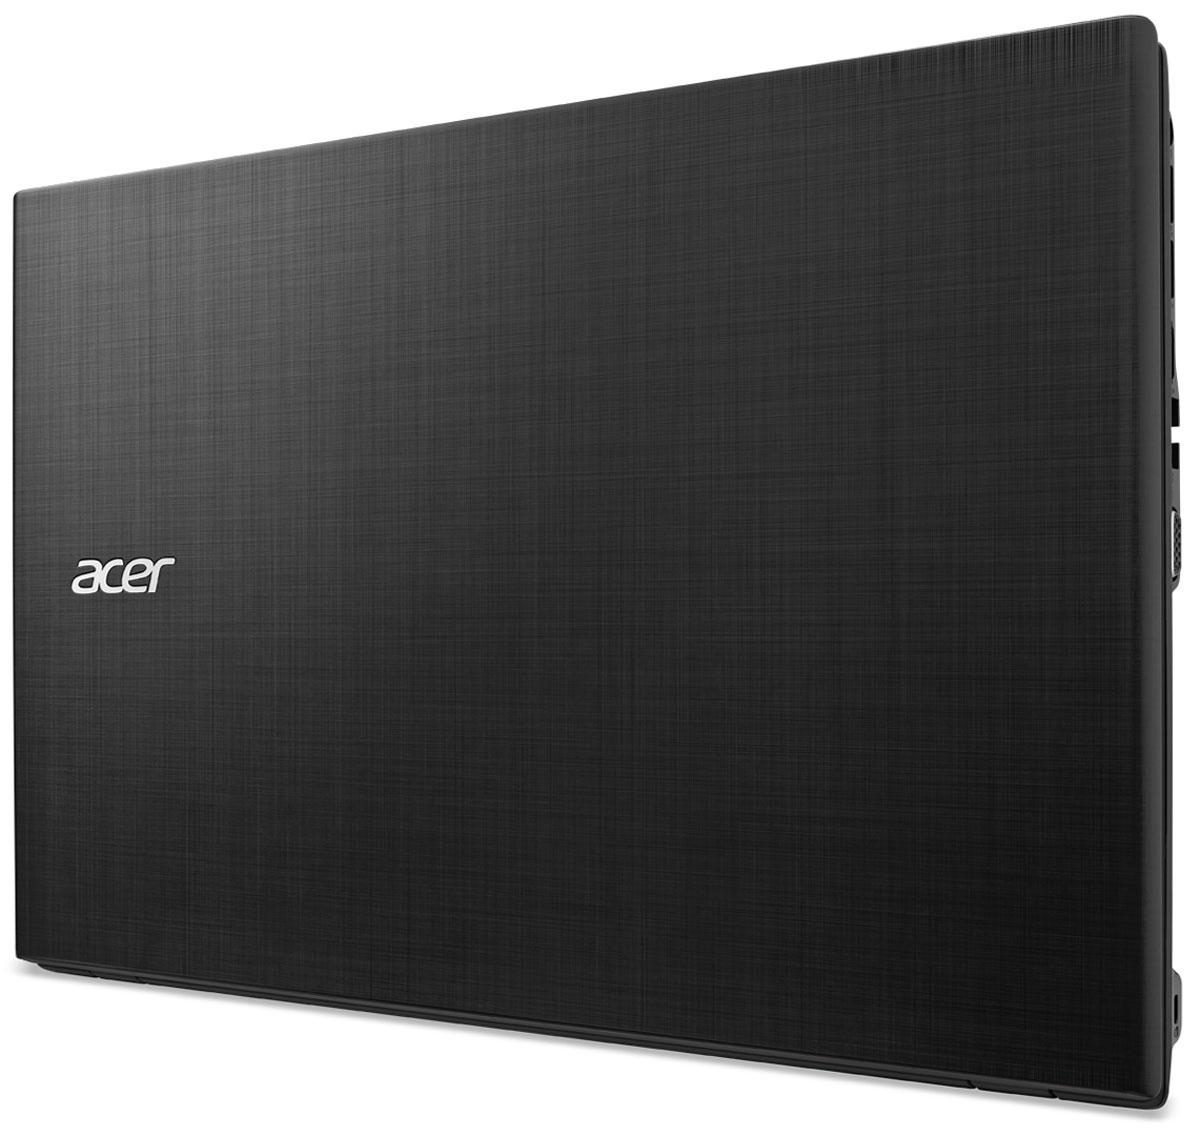 Acer Aspire F5-571G-39DG, Black (YBNX.GA4ER.003)